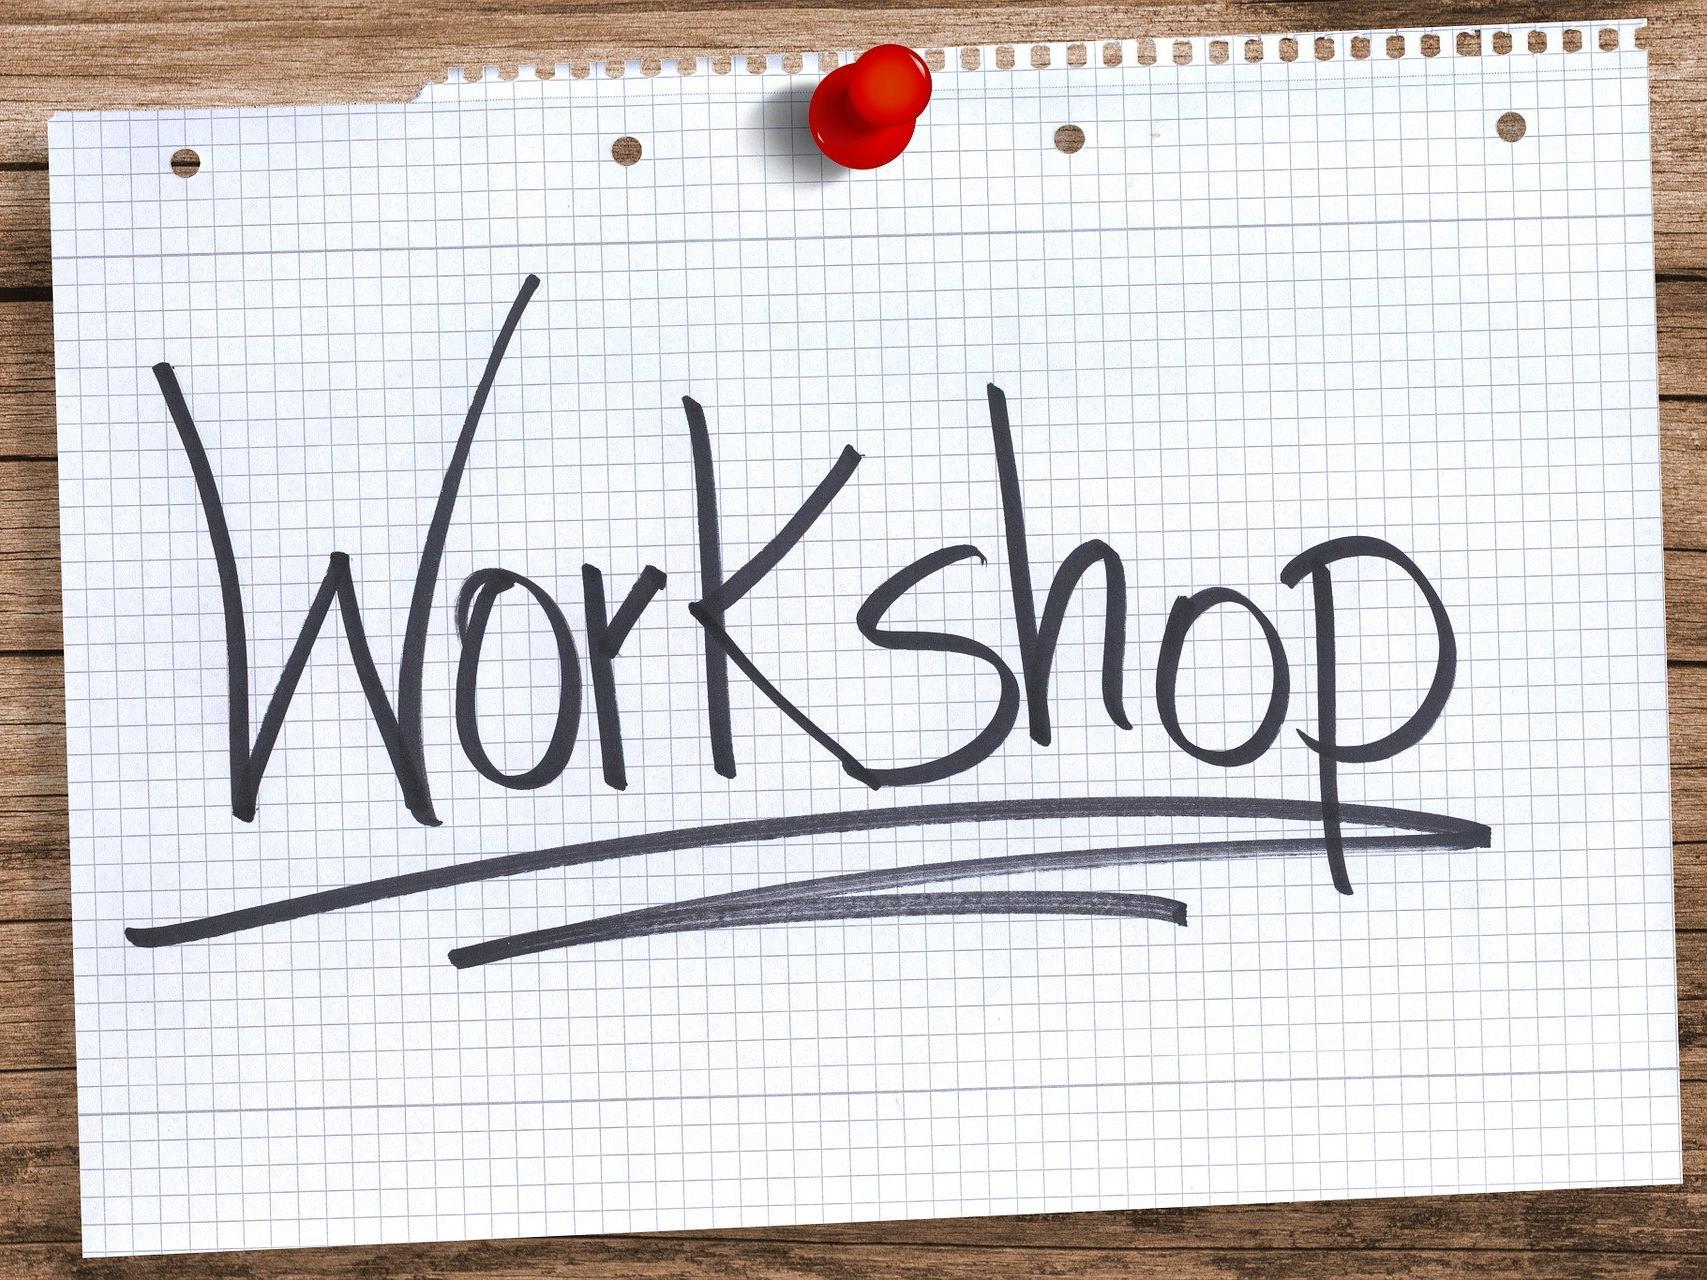 2. Workshop Kinder- und Familienliturgie - am 13. März 2020, 17 Uhr (c) Bild von Gerd Altmann auf Pixabay